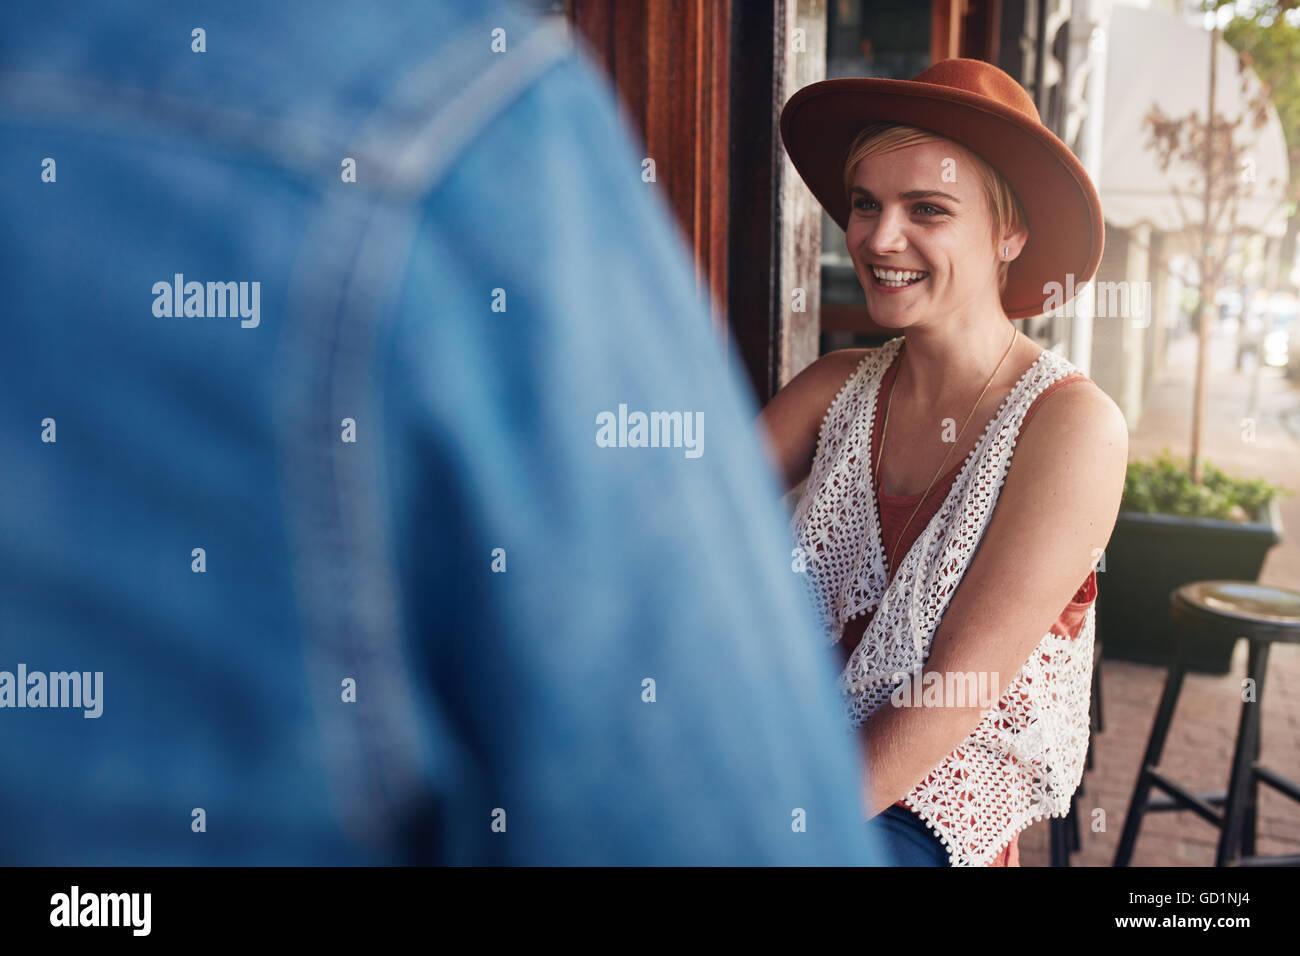 Jeune femme assise à un café avec son amie. Les jeunes gens assis à une table de café. Photo Stock